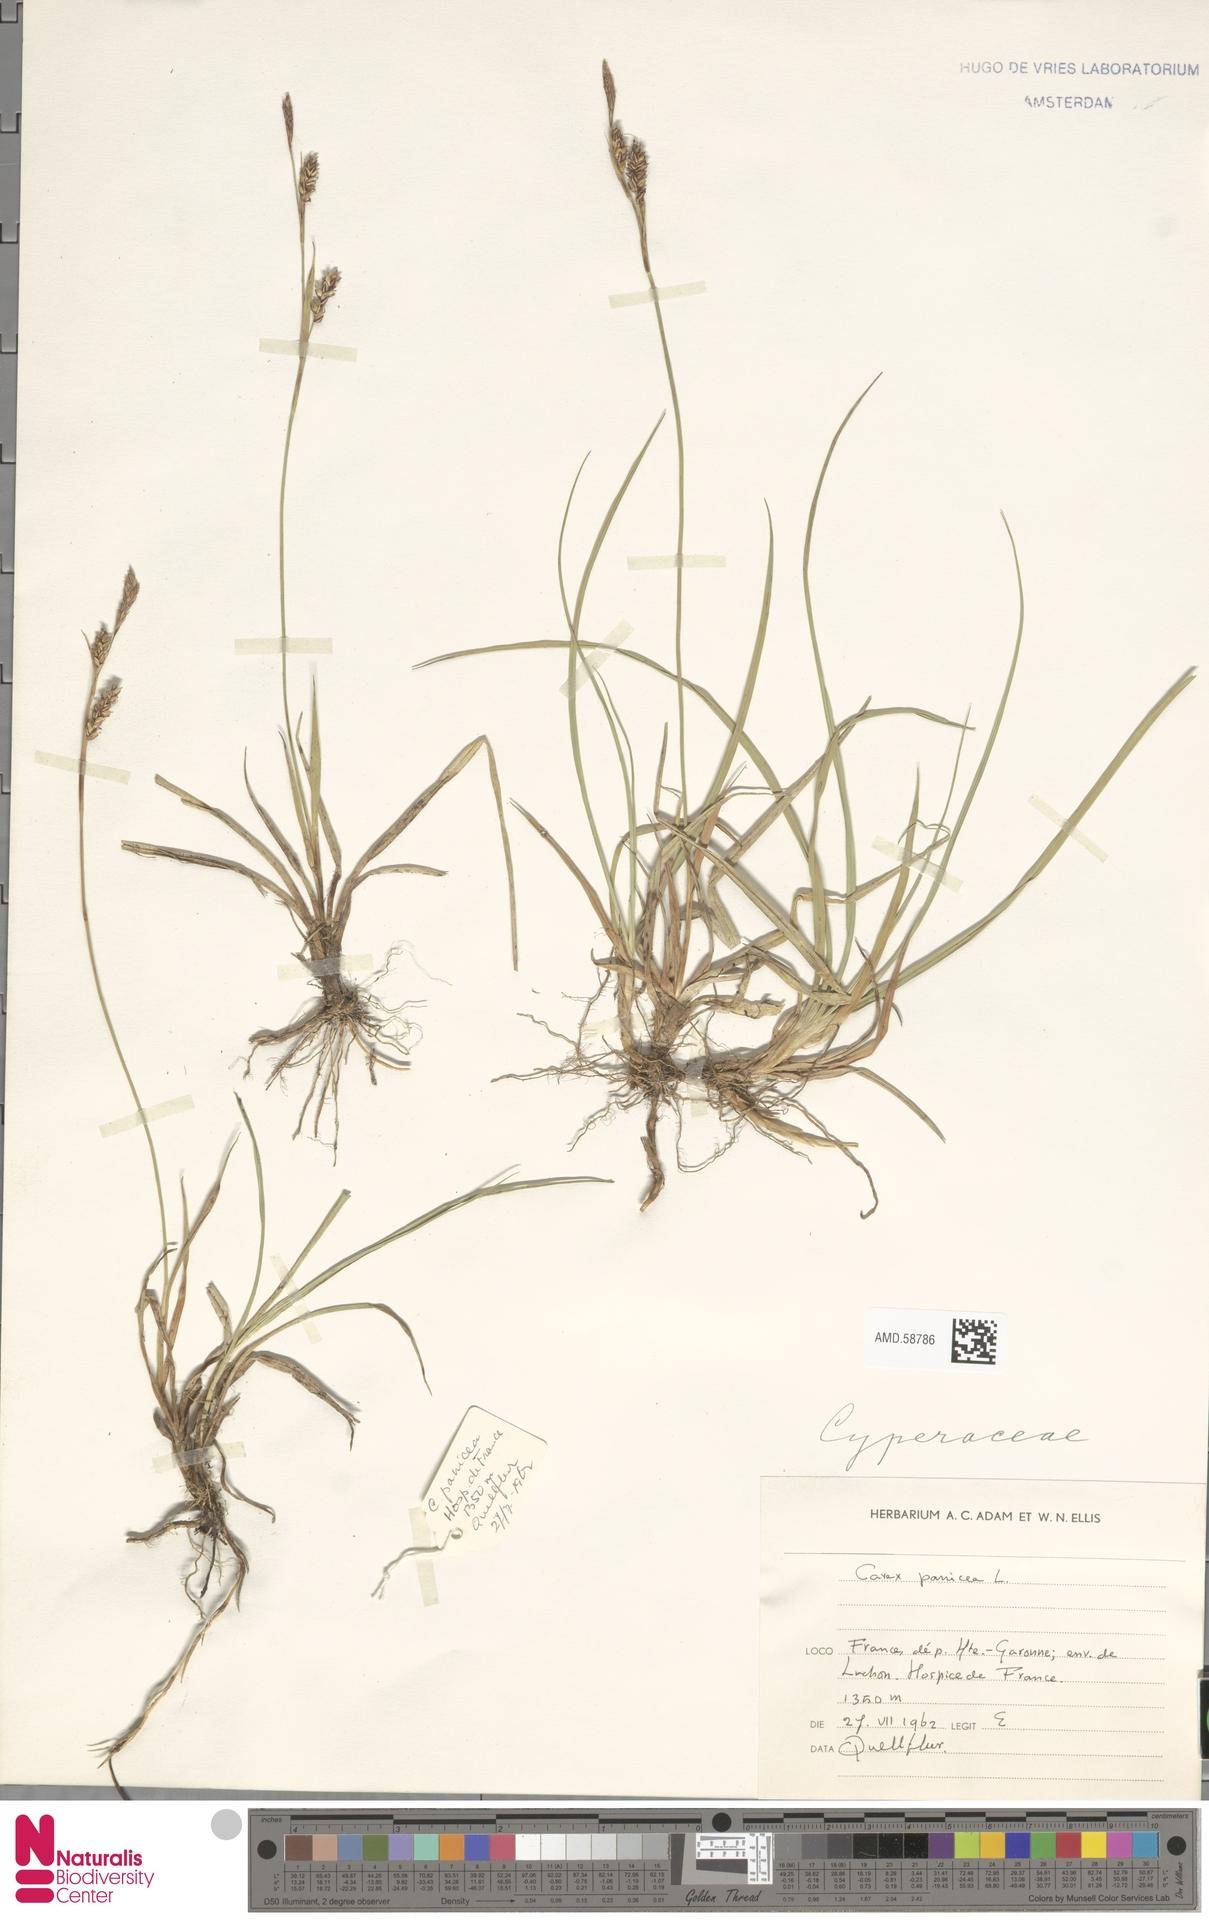 AMD.58786   Carex panicea L.